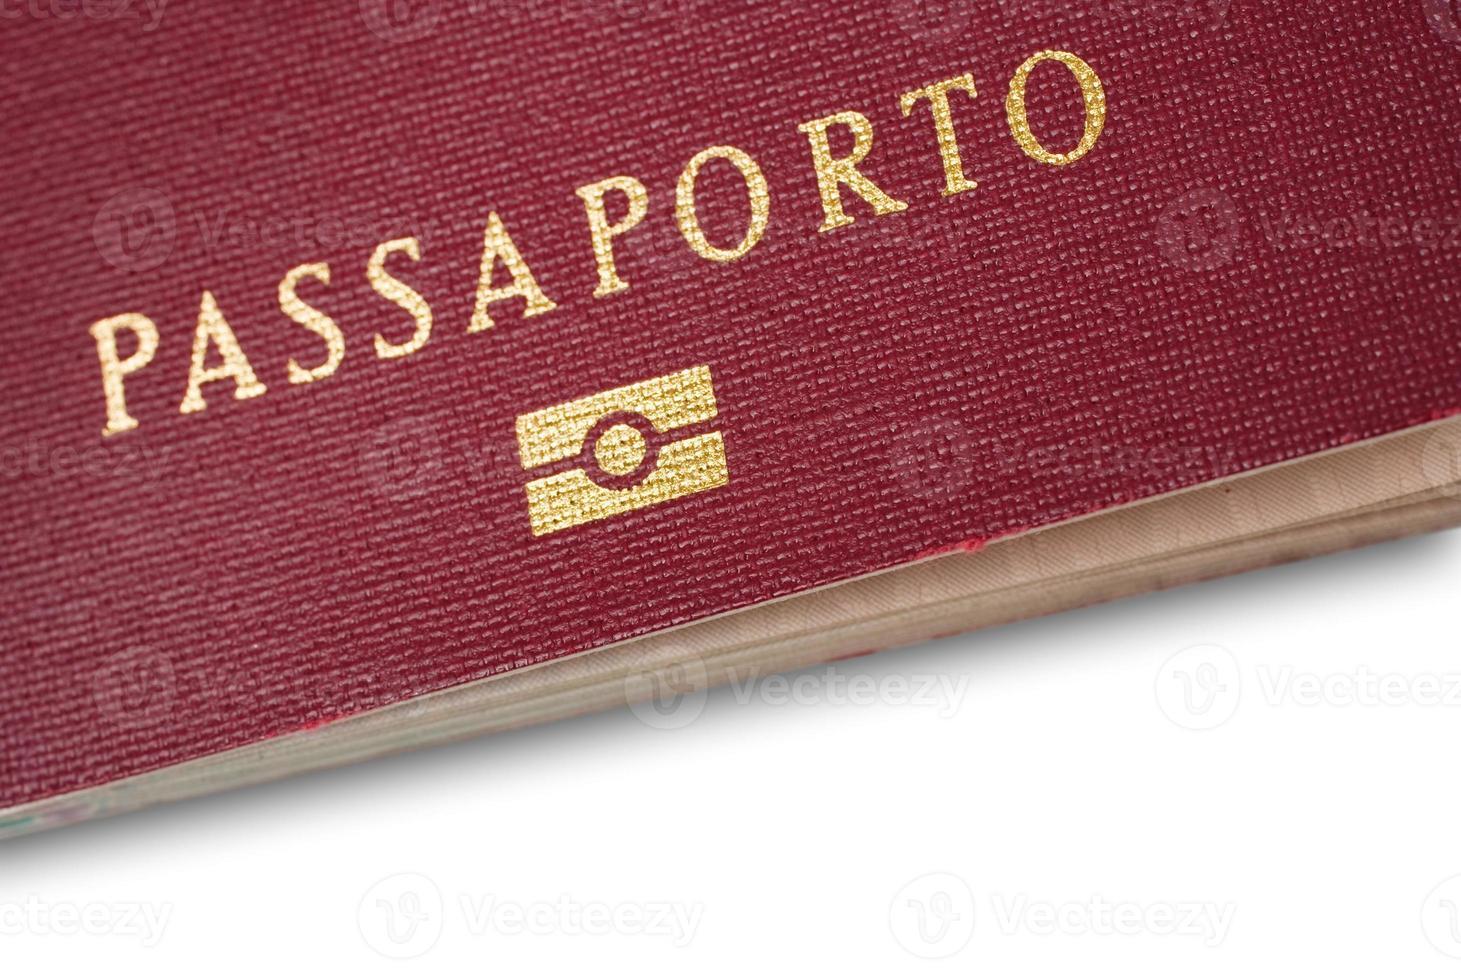 Italiaans paspoort close-up foto